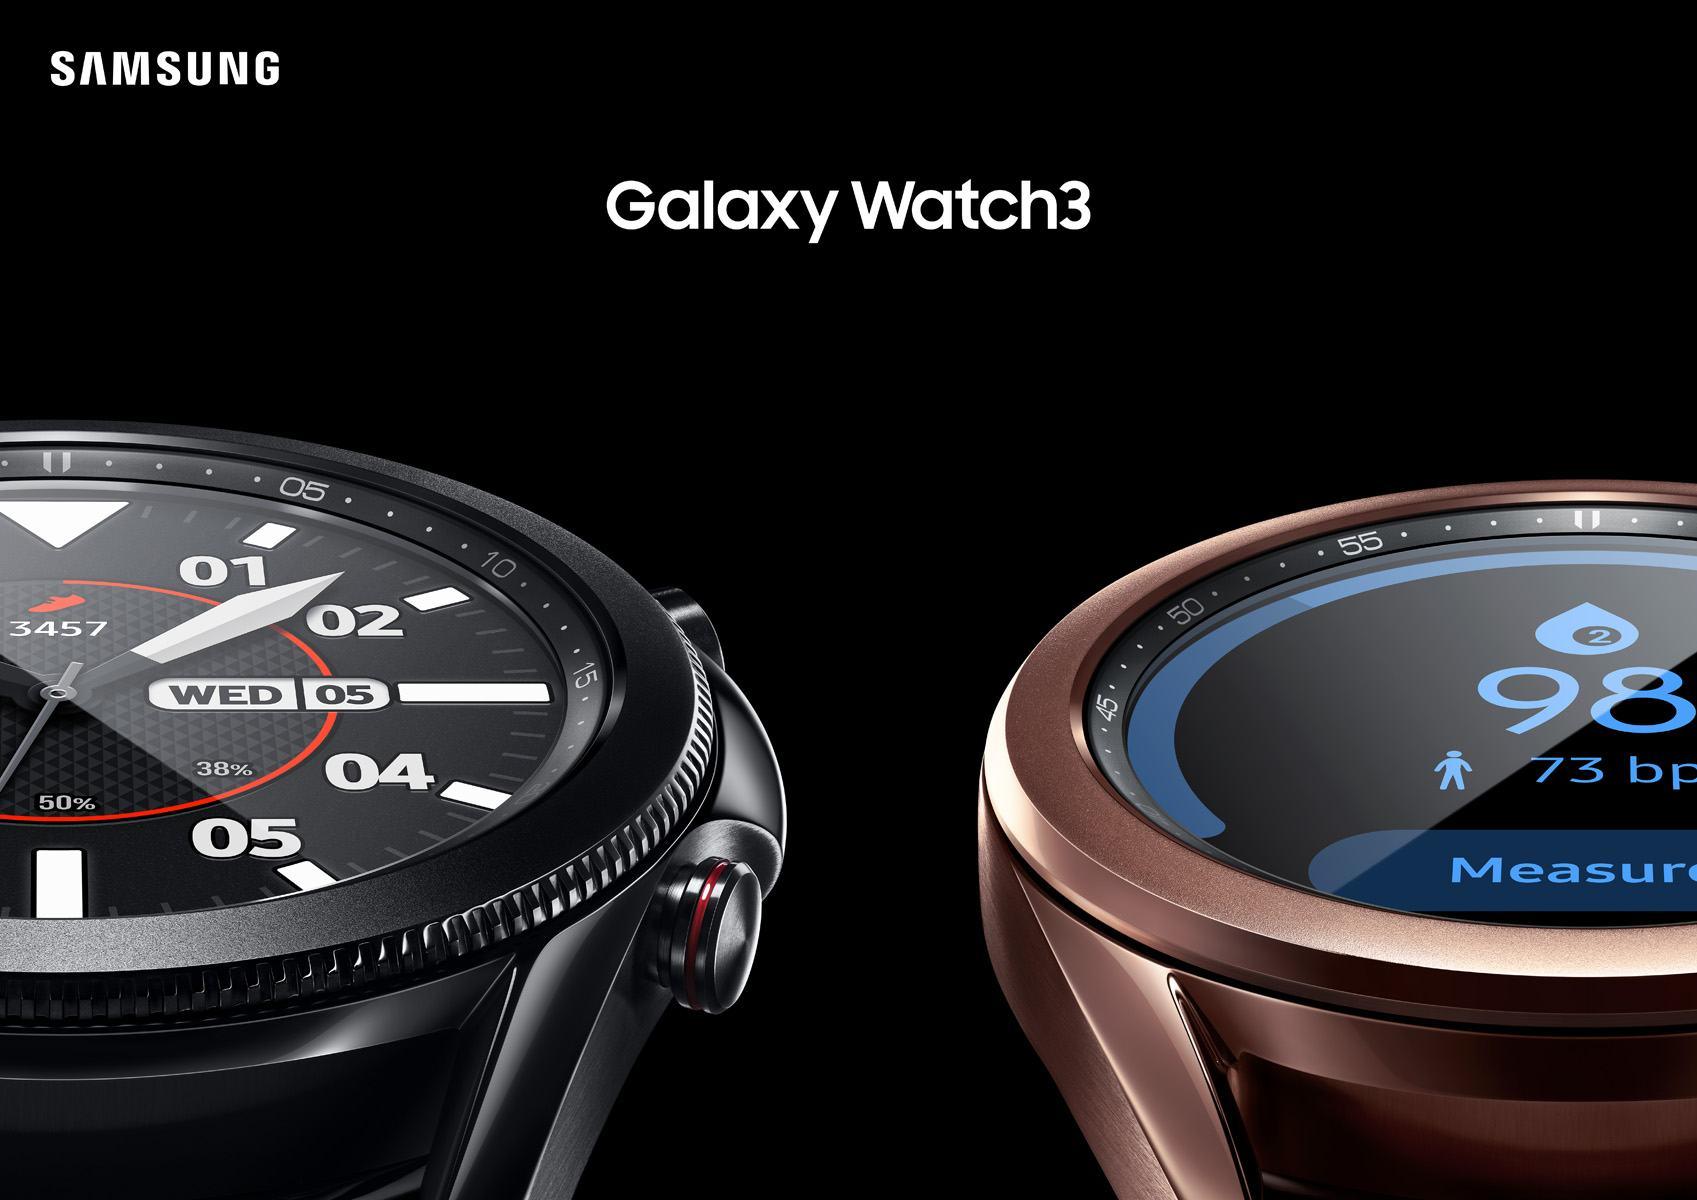 Bản cập nhật phần mềm đầu tiên của Samsung Galaxy Watch 3: Bổ sung các tính năng còn thiếu 25